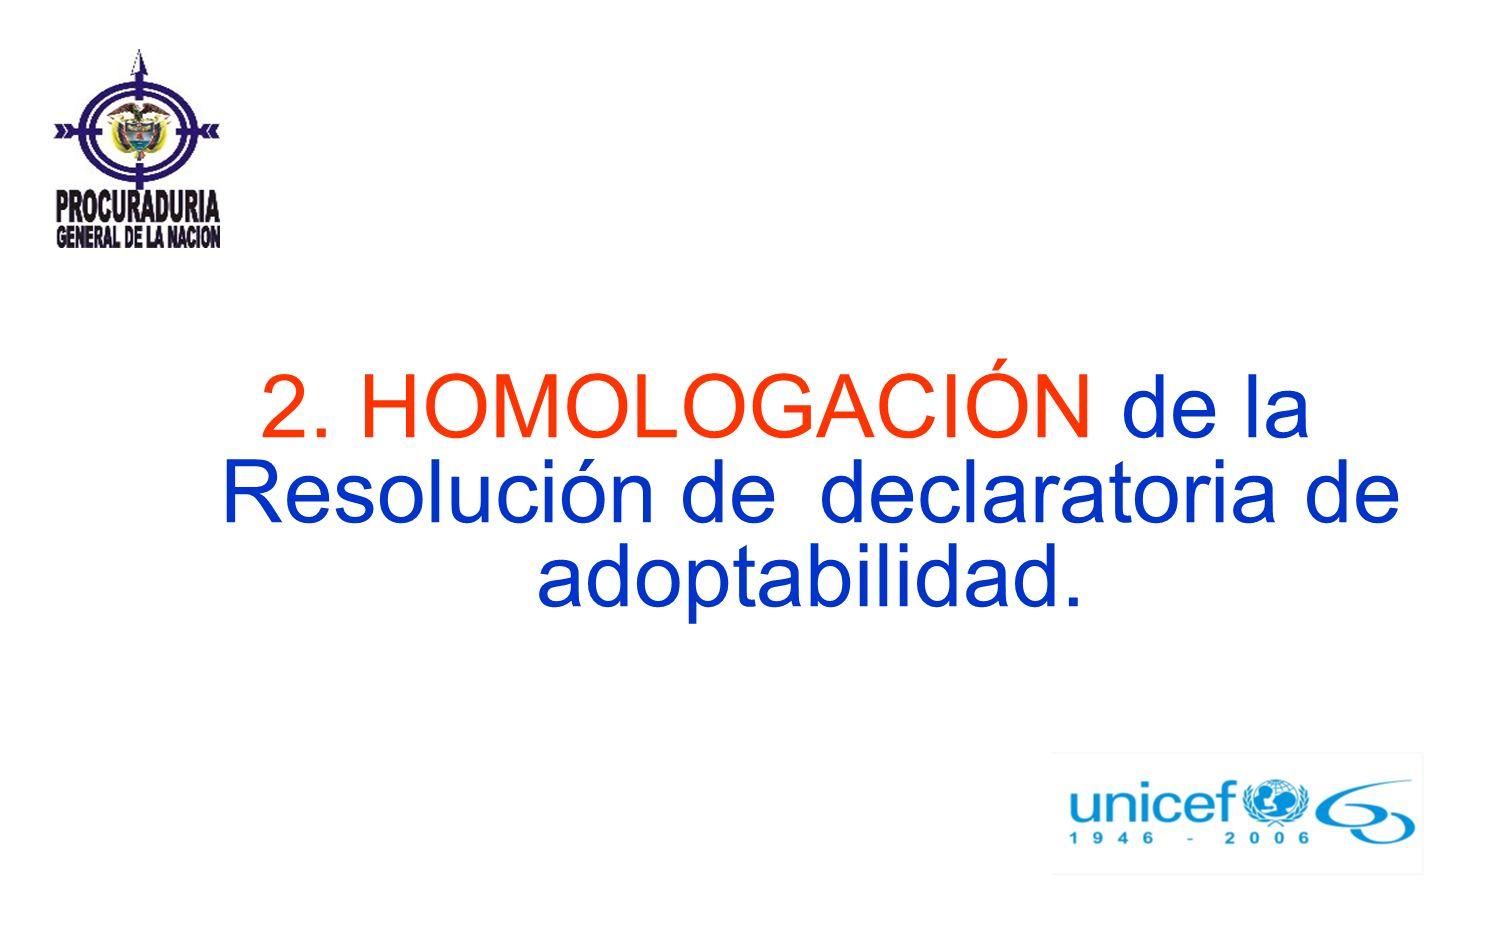 2. HOMOLOGACIÓN de la Resolución de declaratoria de adoptabilidad.